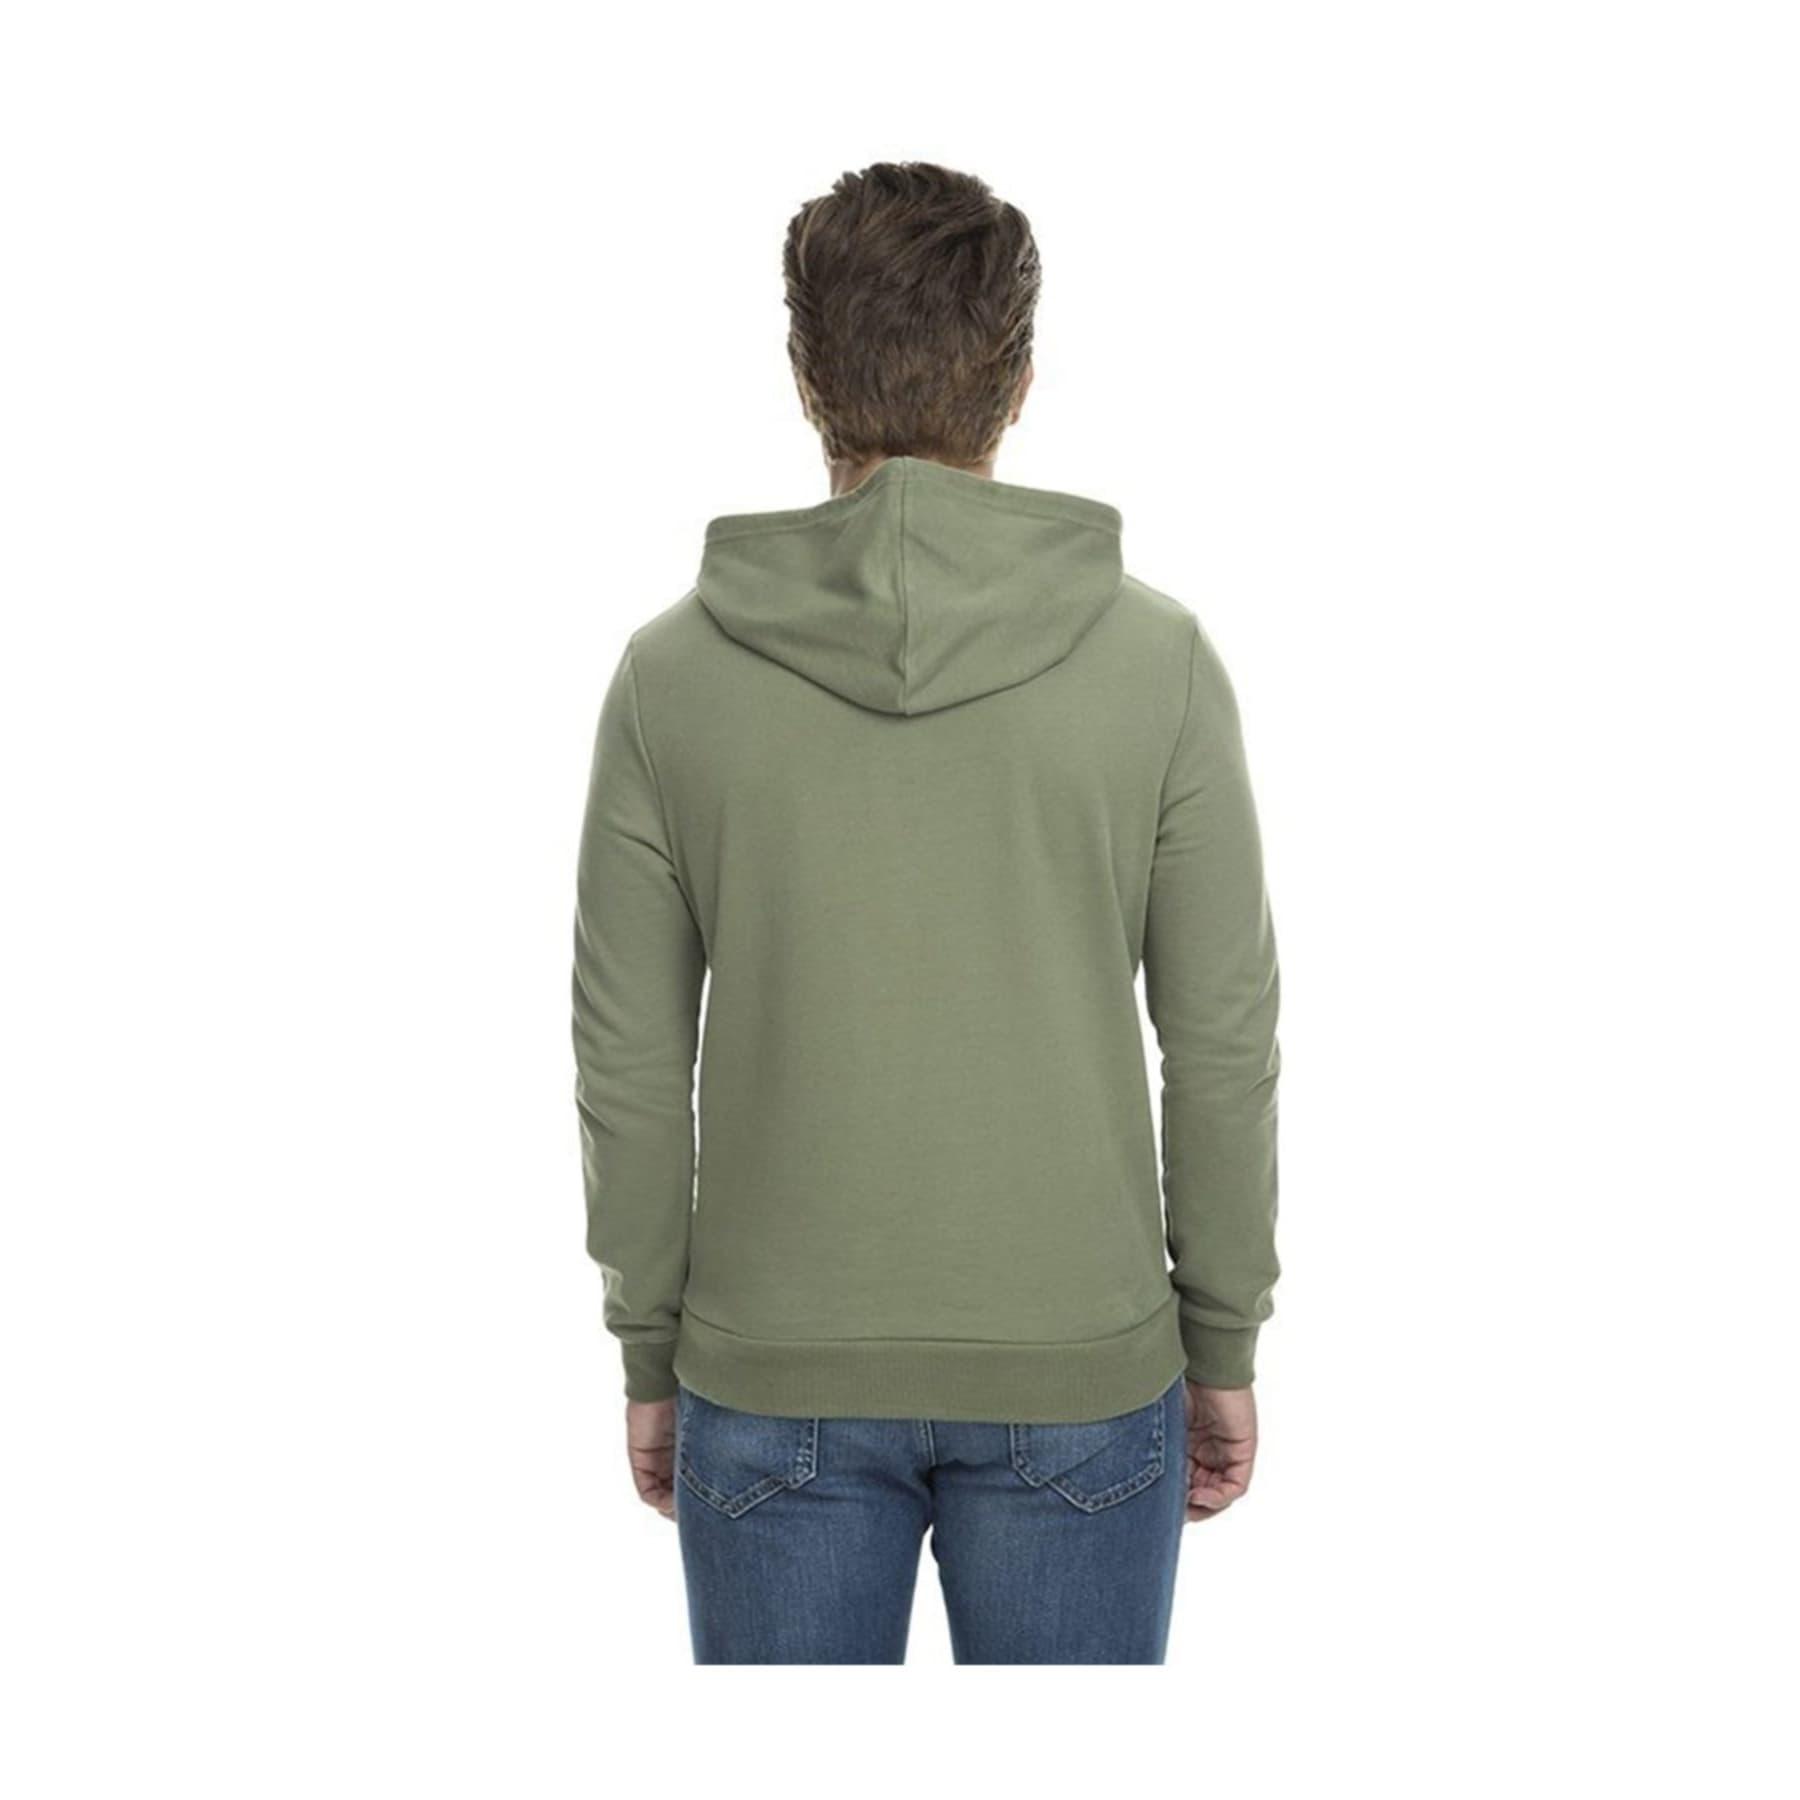 Kapüşonlu Erkek Yeşil Sweatshirt (065779-28524)